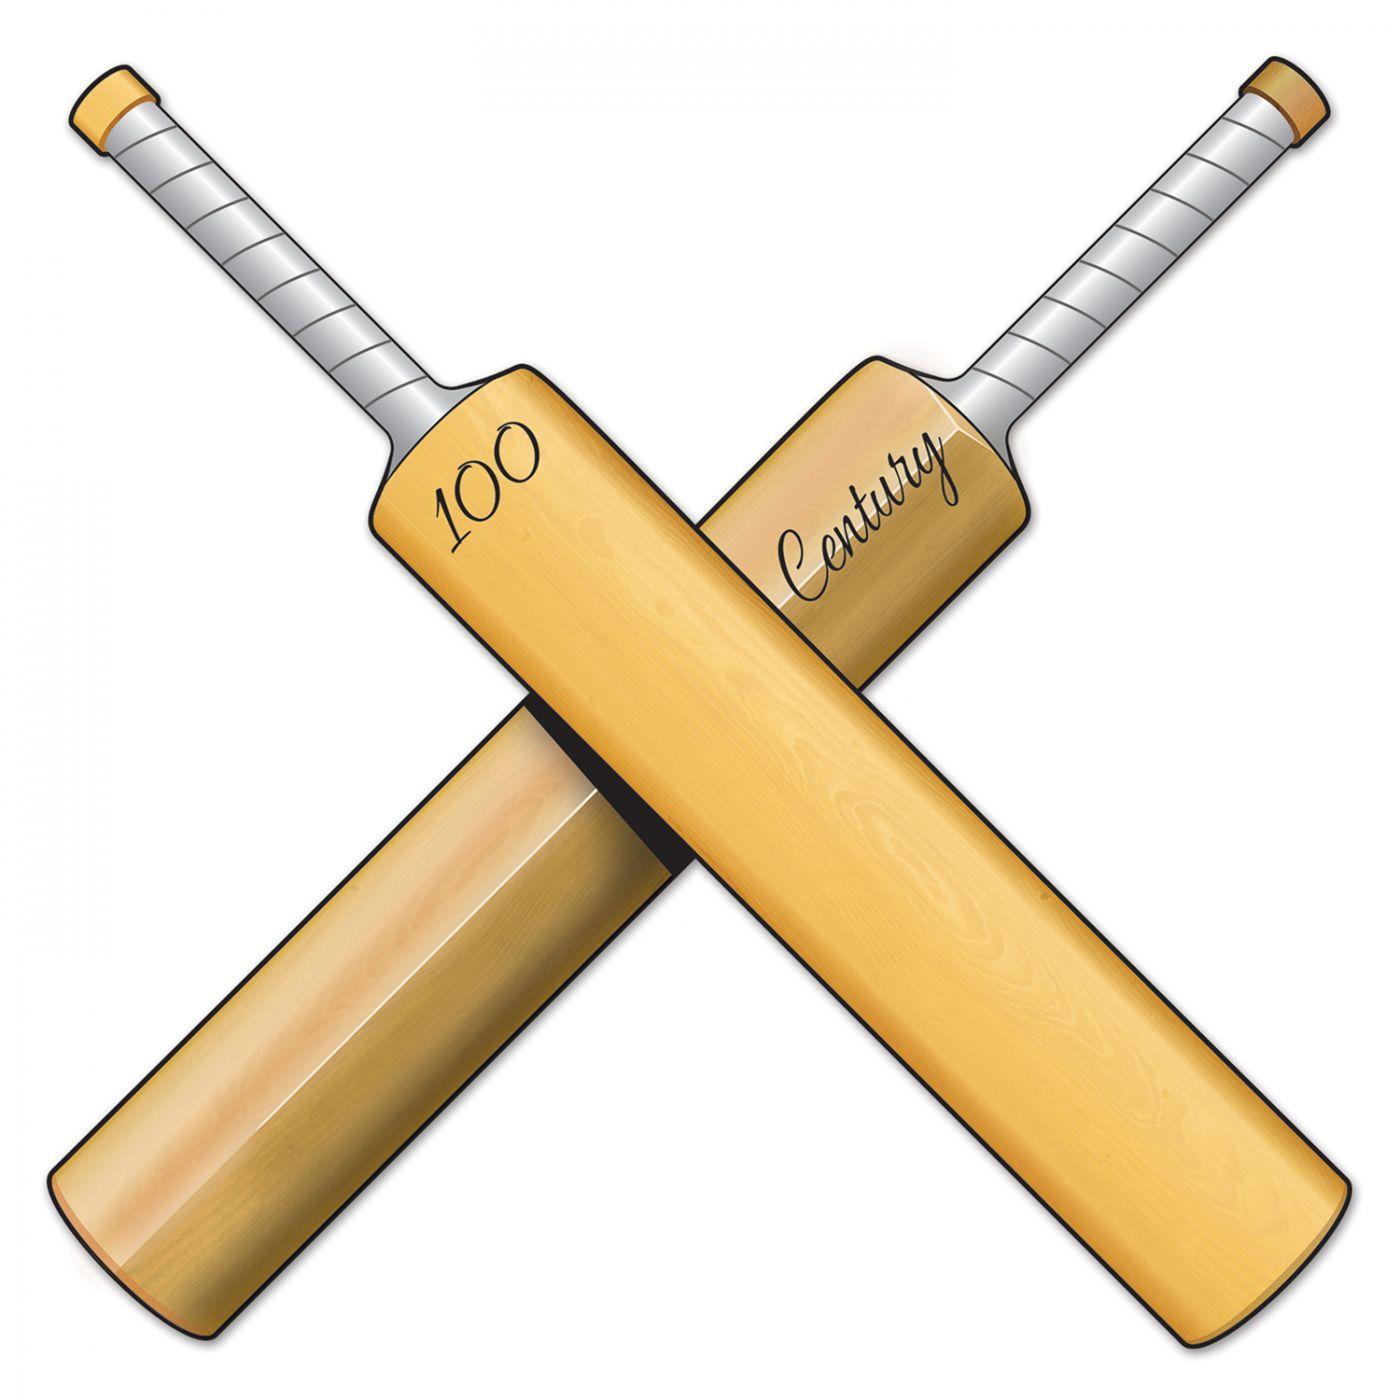 Cricket Bat Cutout image